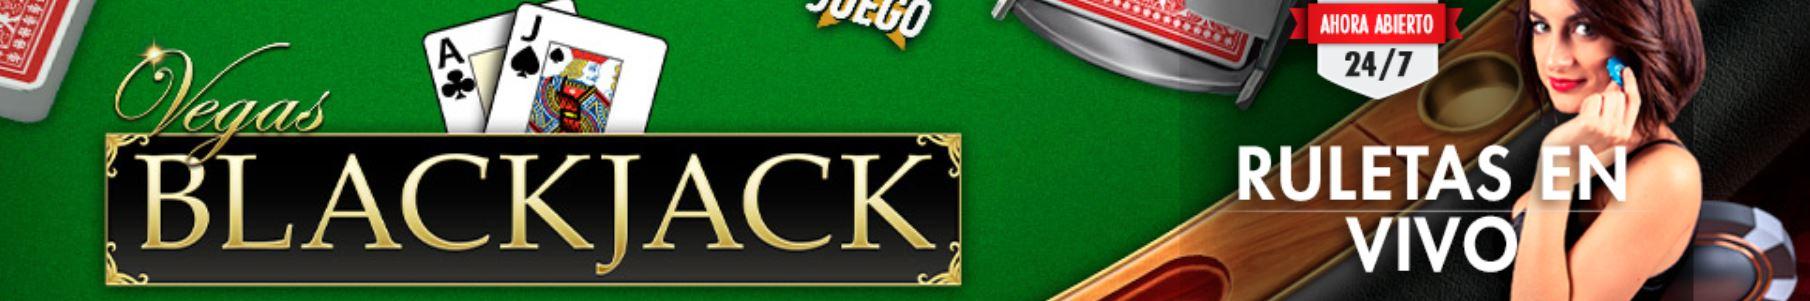 El blackjack es uno de los juegos más utilizados de sitios online de azar.